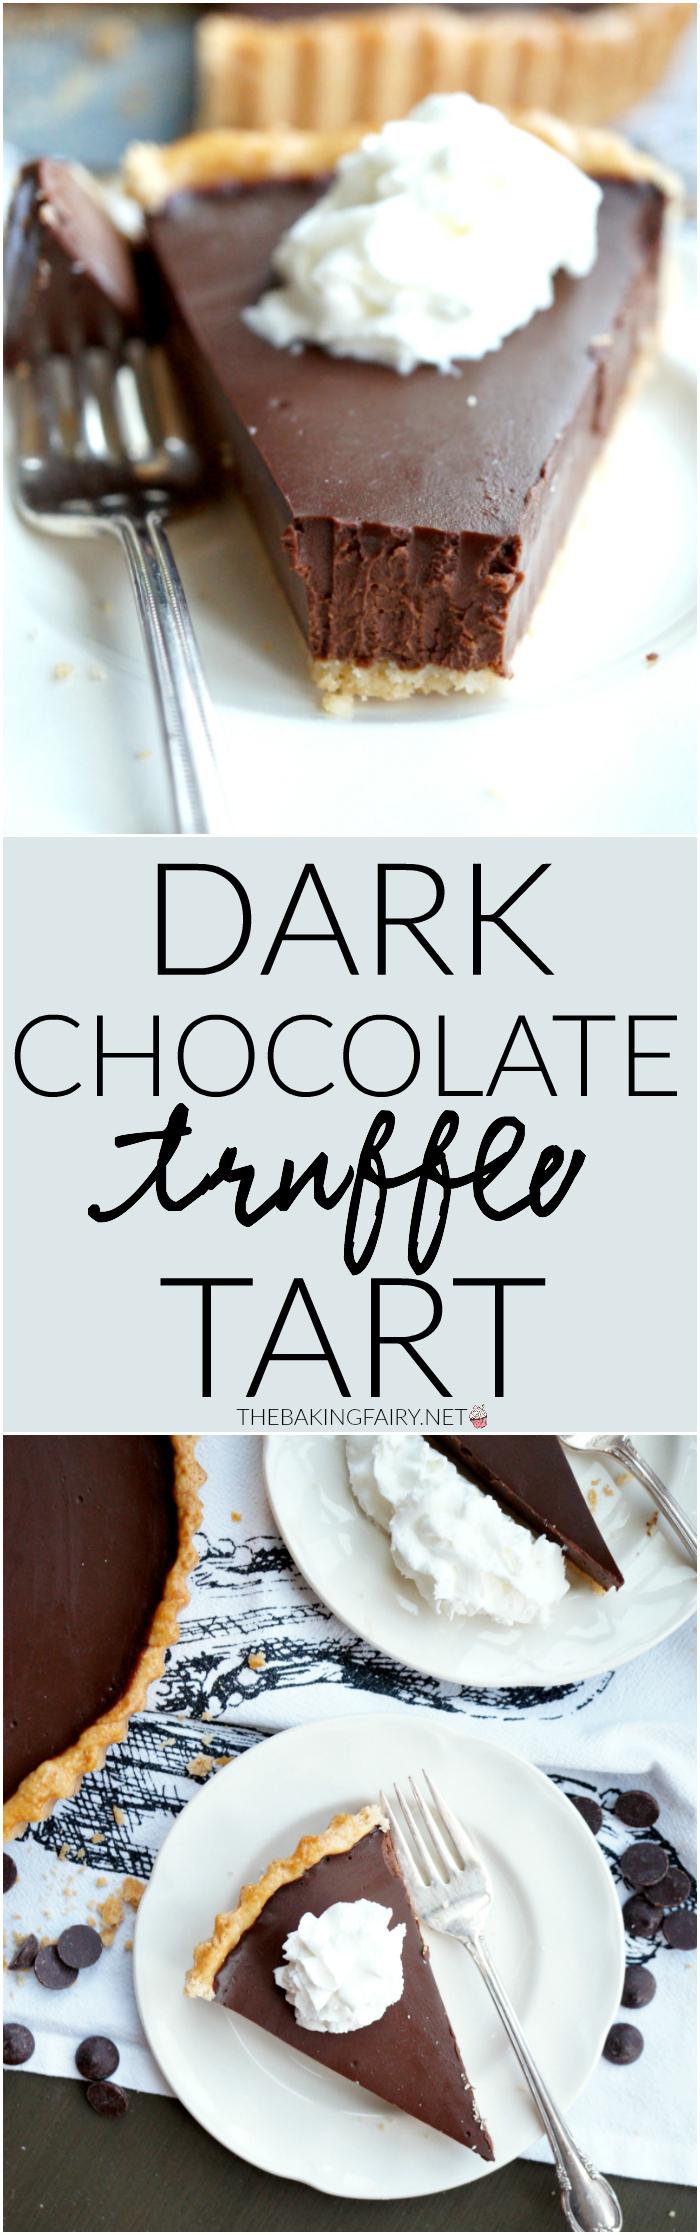 dark chocolate truffle tart | The Baking Fairy